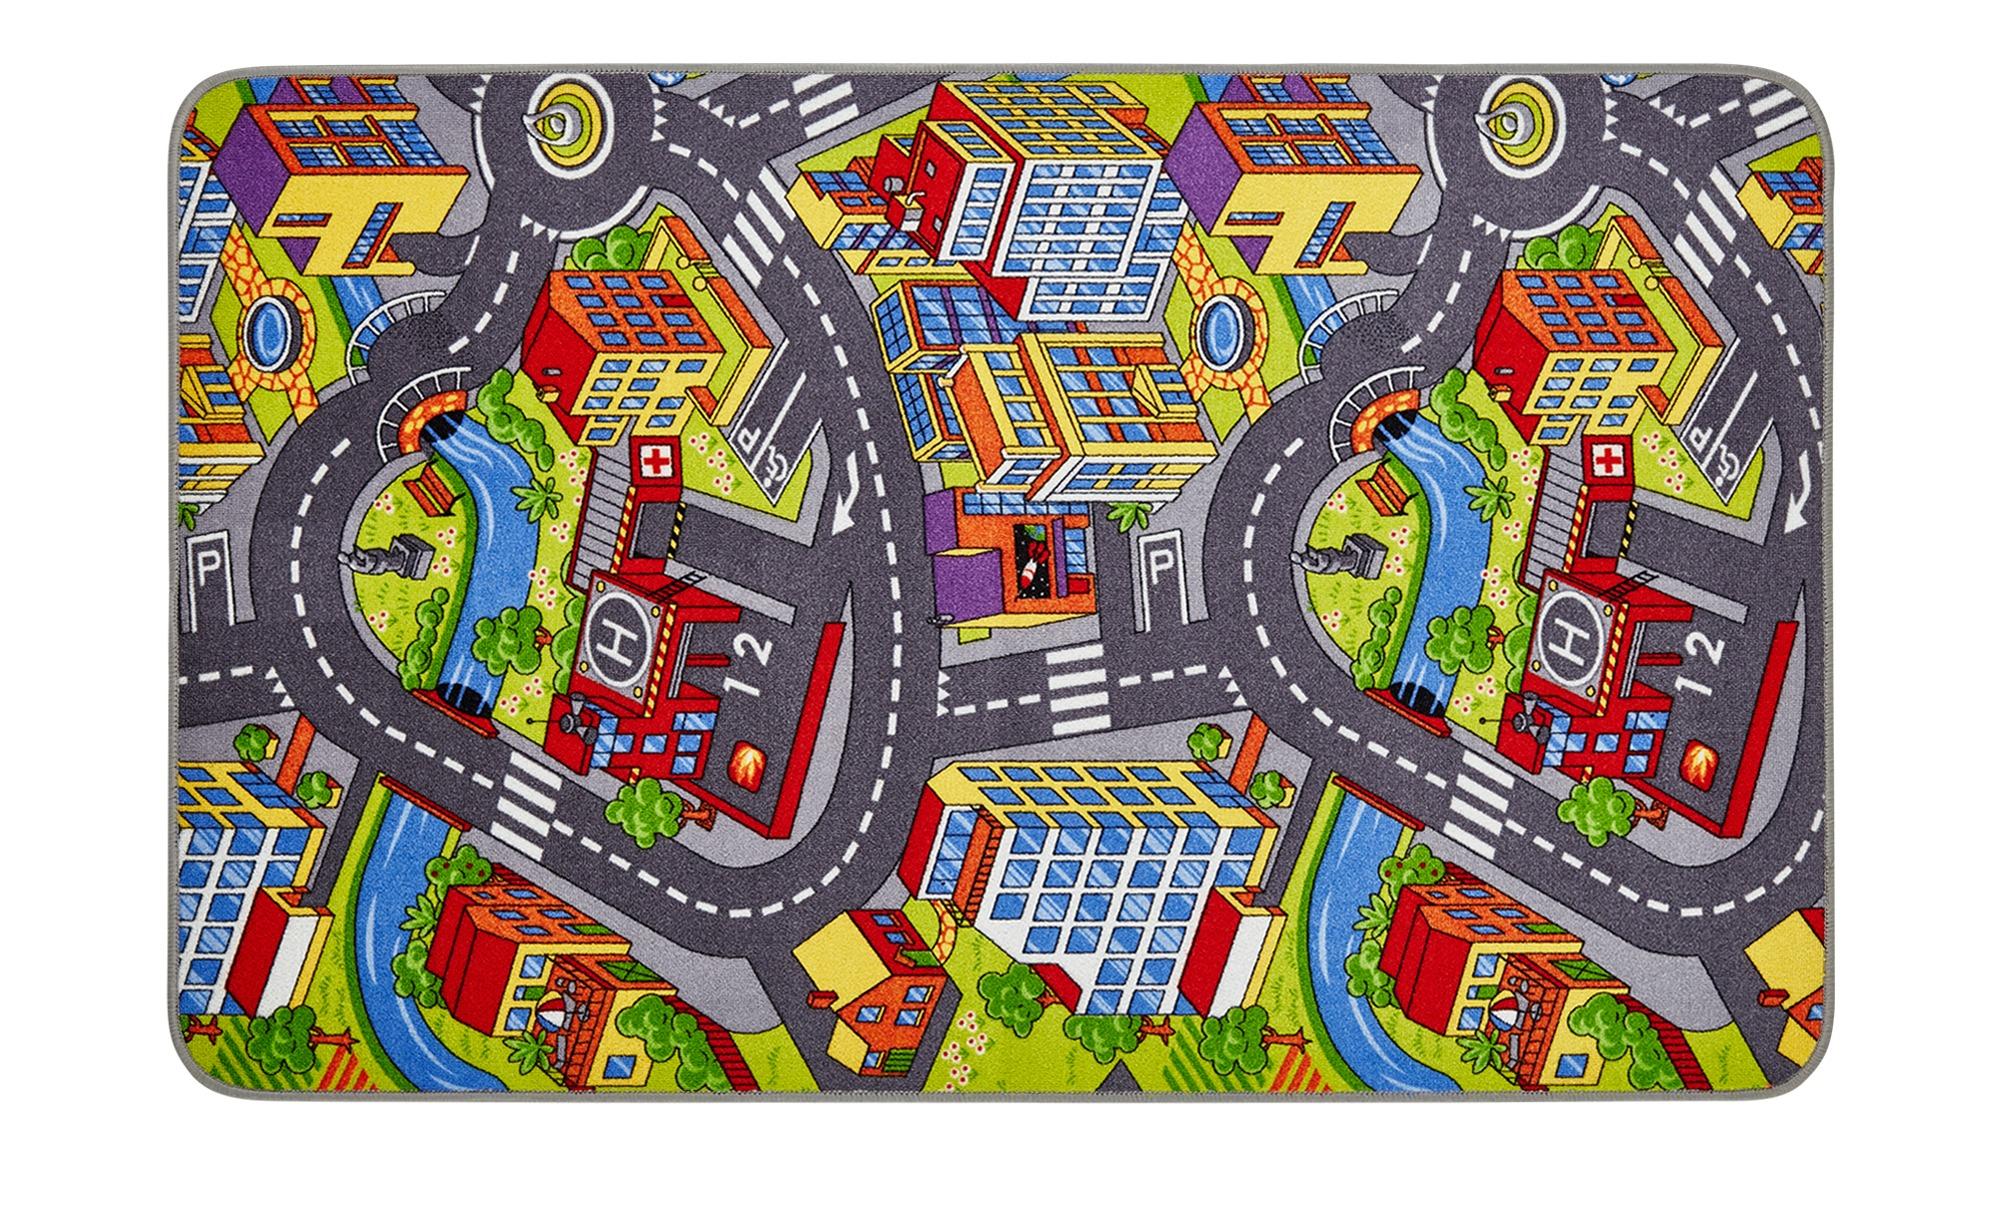 Straßenteppich für das Kinderzimmer